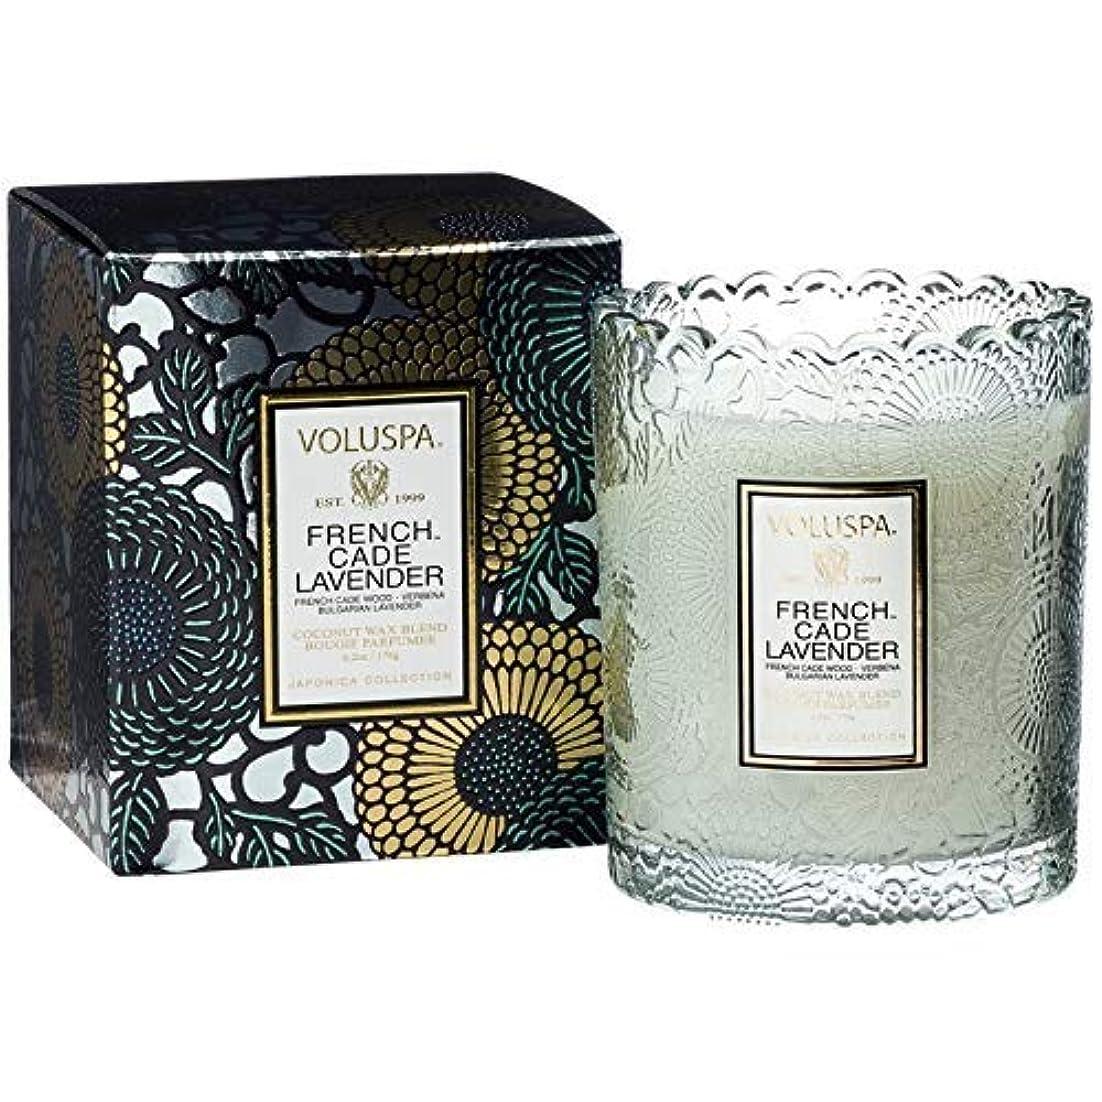 製品トンスコットランド人Voluspa ボルスパ ジャポニカ リミテッド スカラップグラスキャンドル  フレンチケード&ラベンダー FRENCH CADE LAVENDER  JAPONICA Limited SCALLOPED EDGE Glass Candle